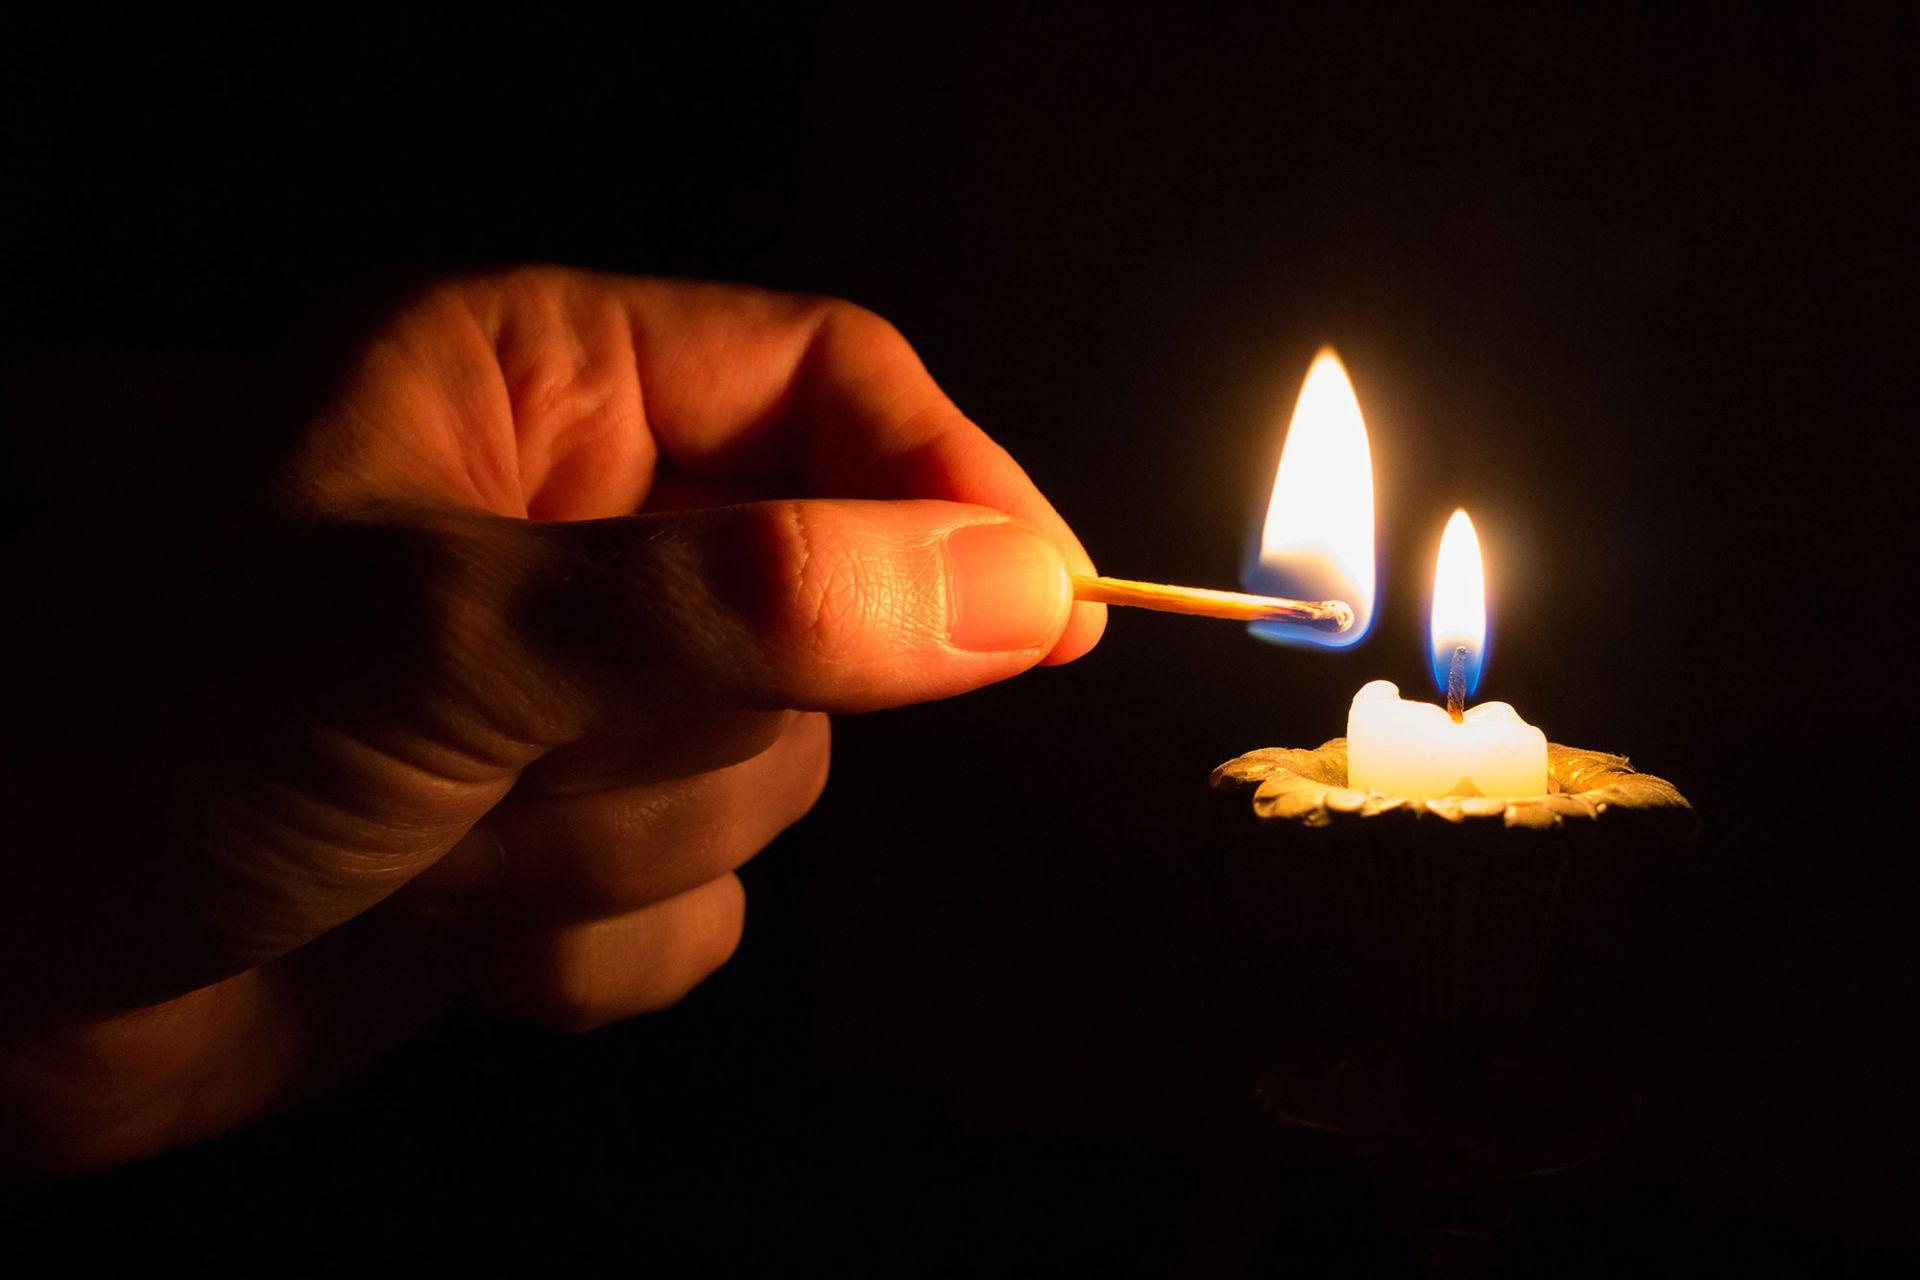 Ihminen sytyttää kynttilän, tiukasti rajatussa kuvassa vain käsi, tulitikku ja kynttilä, missä jo liekki.